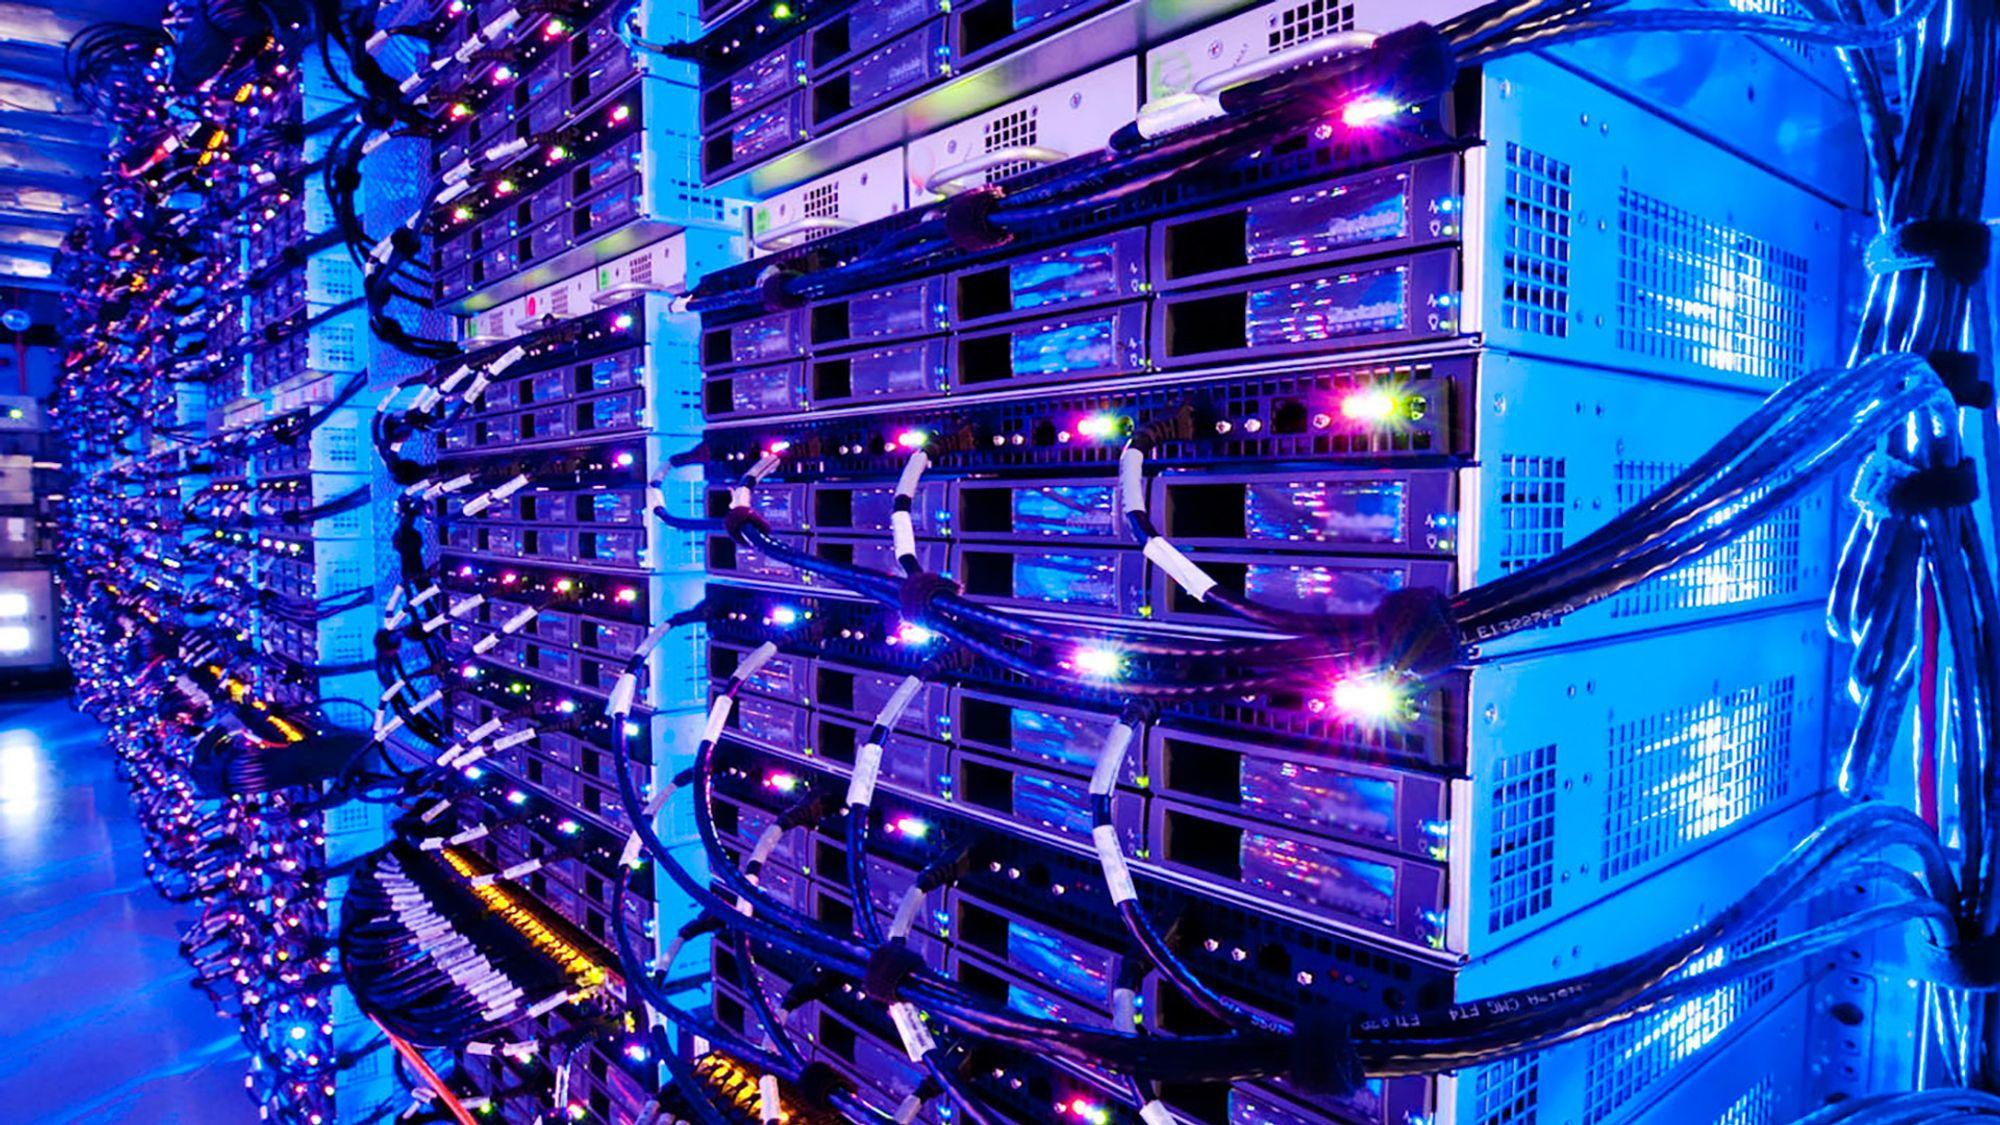 ANNONSE: Microsoft og Red Hat er partnere: Gjør det enklere å sette opp Linux-miljøer